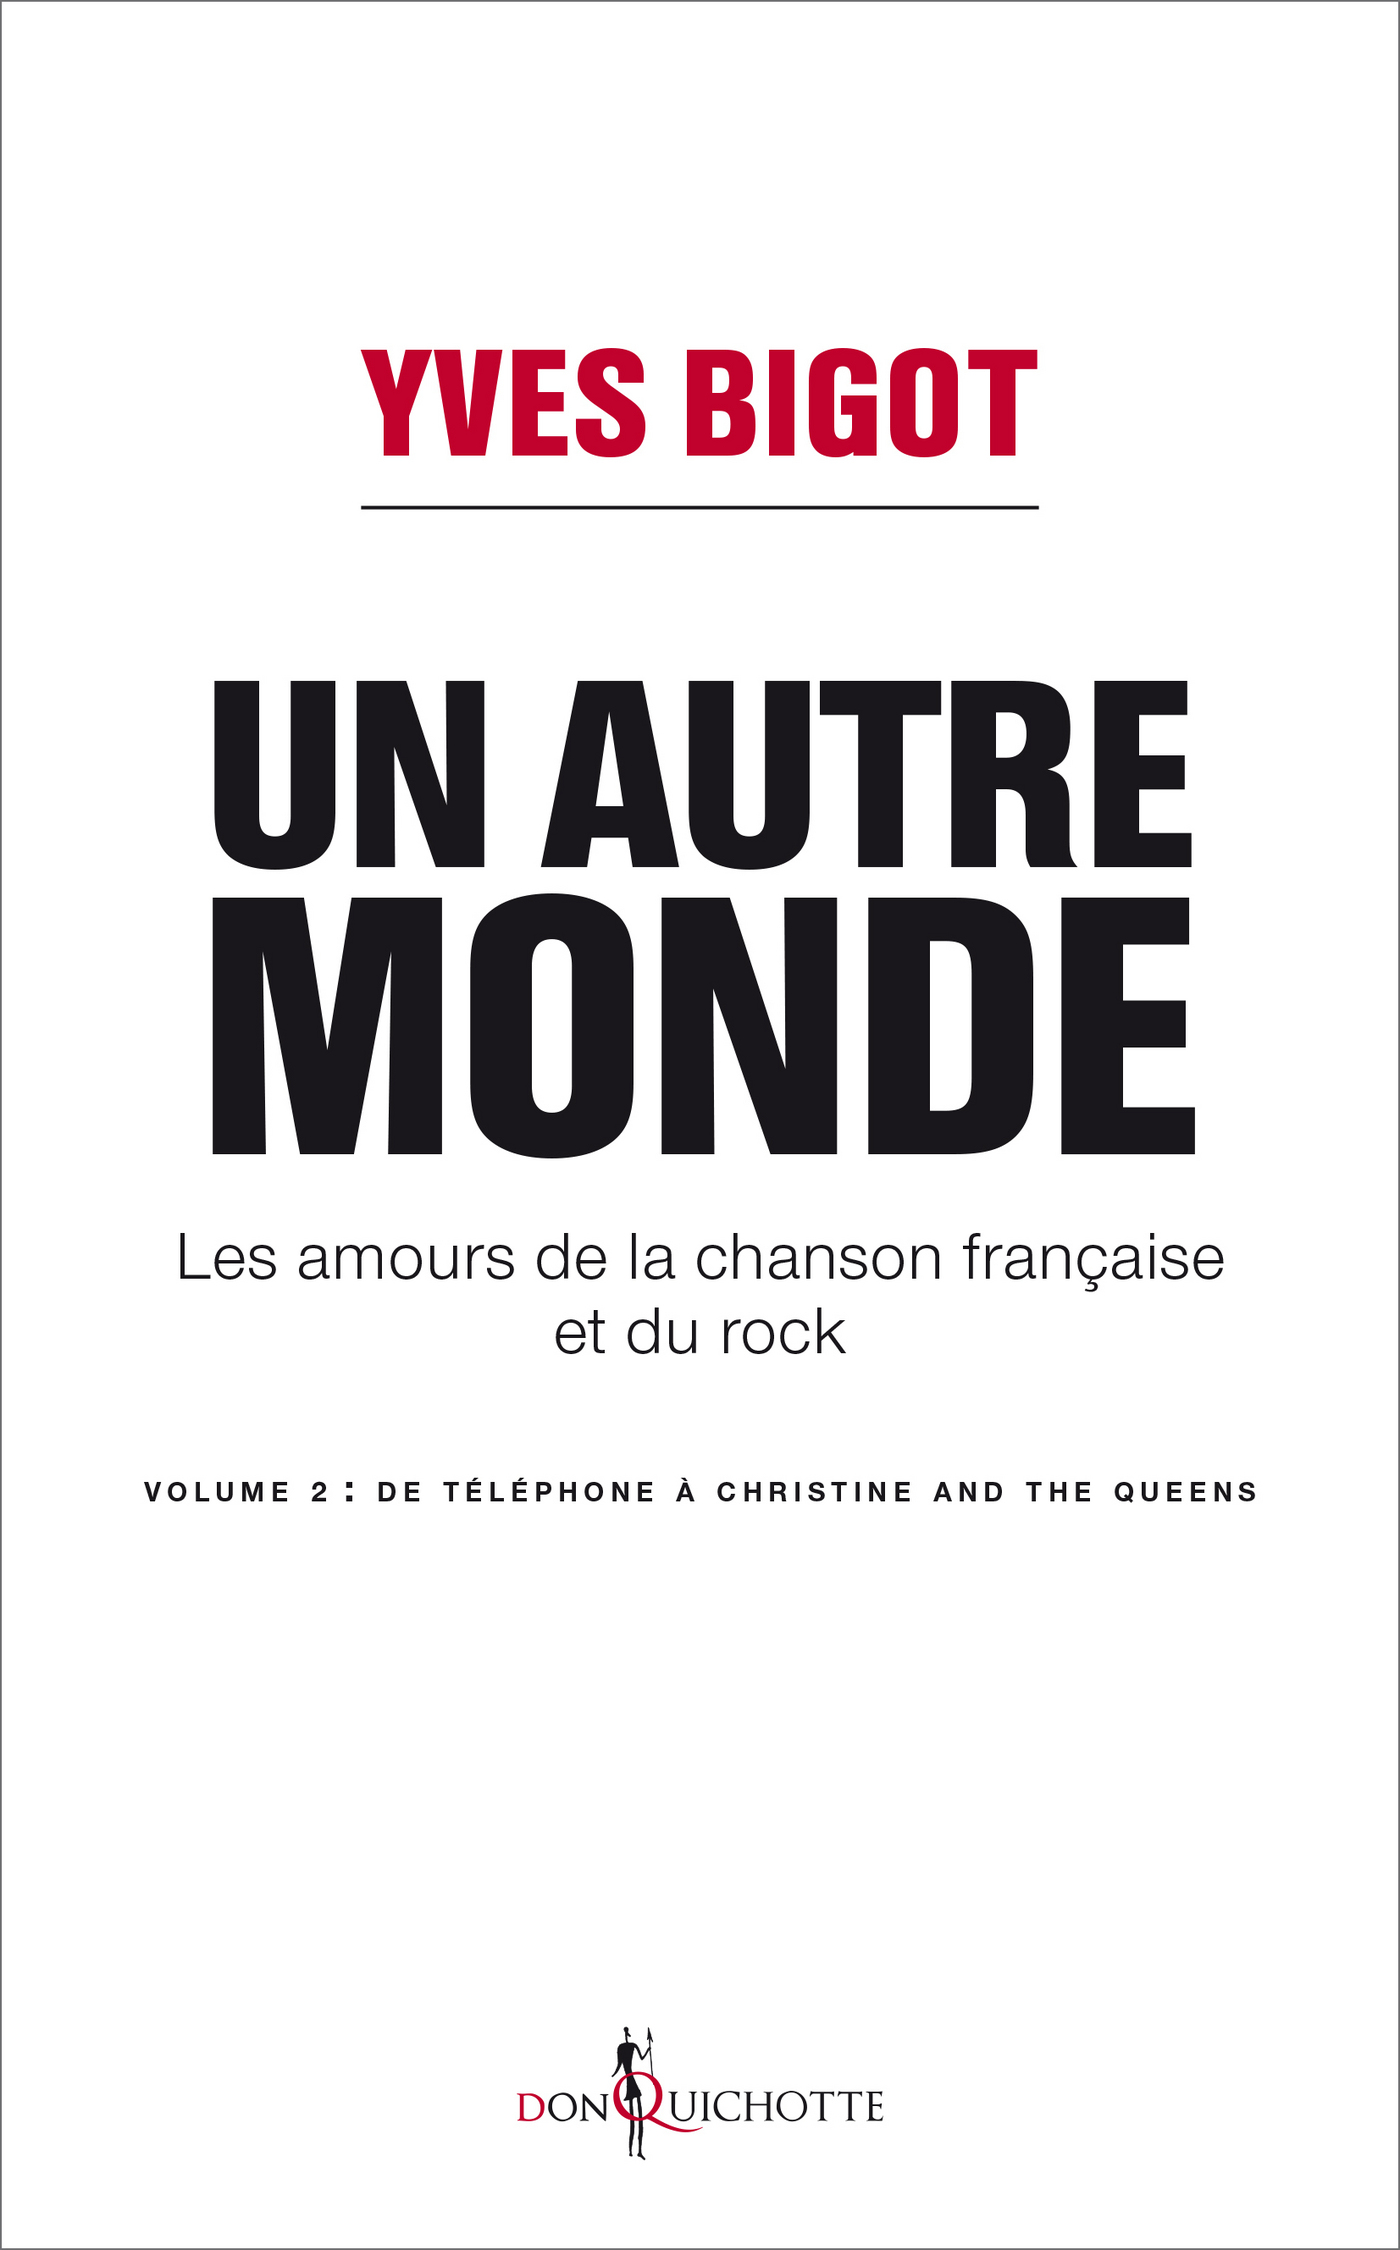 Un autre monde. Les amours de la chanson française et du rock - volume 2